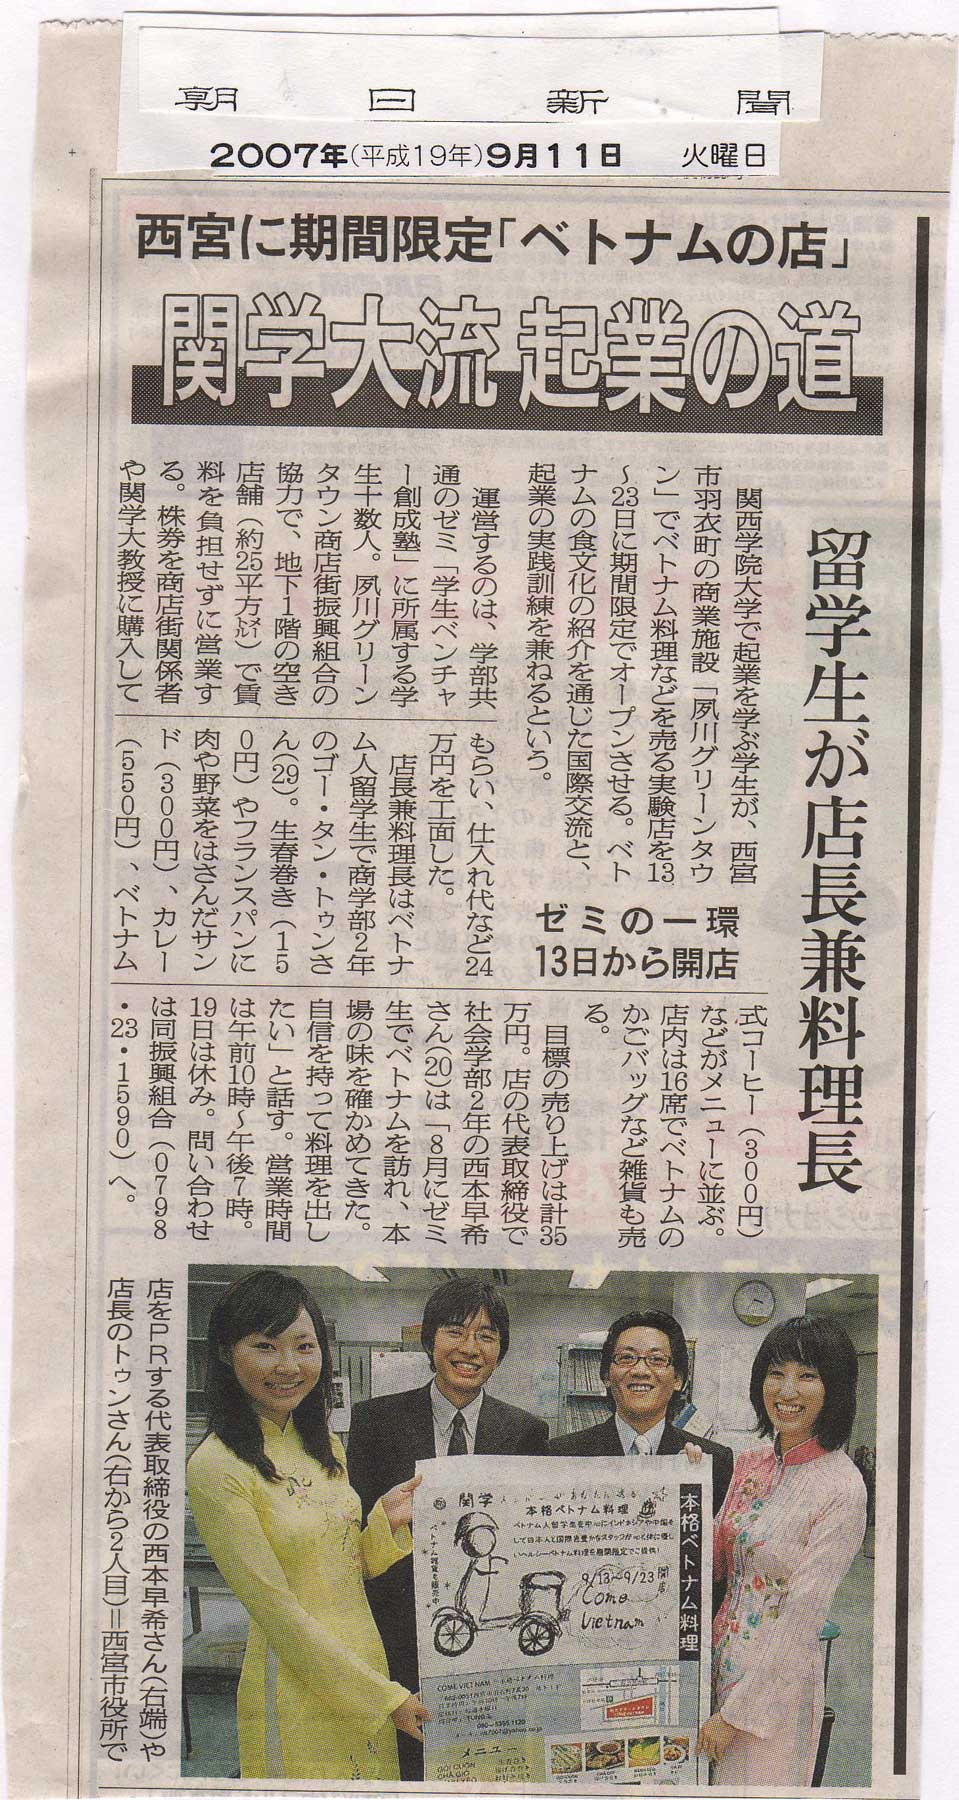 朝日新聞掲載!_b0054727_21393033.jpg